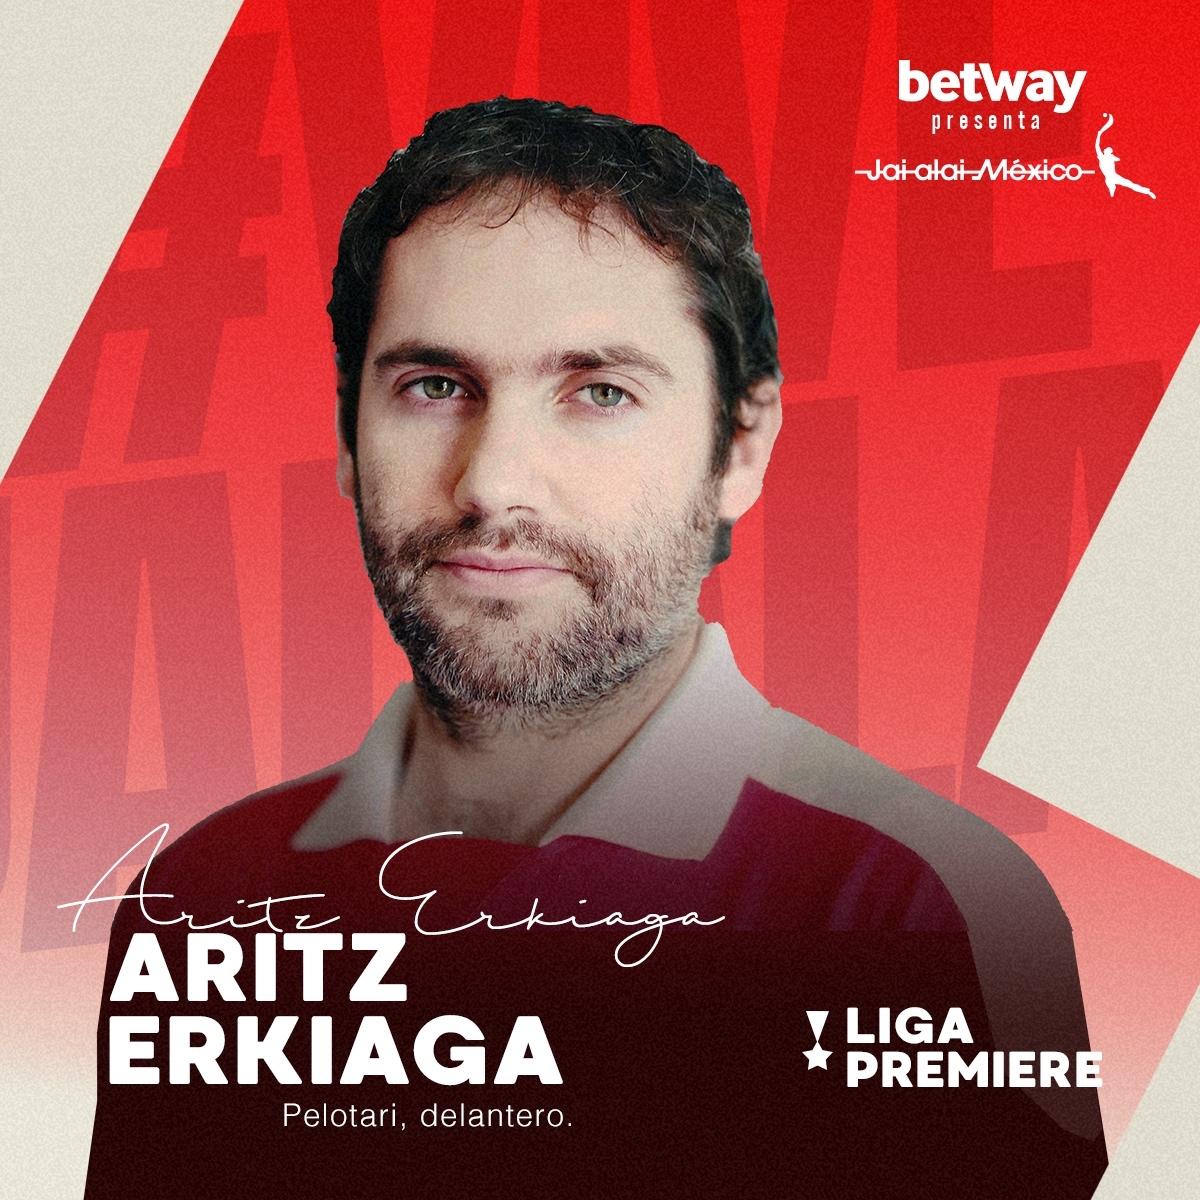 Aritz Erkiaga